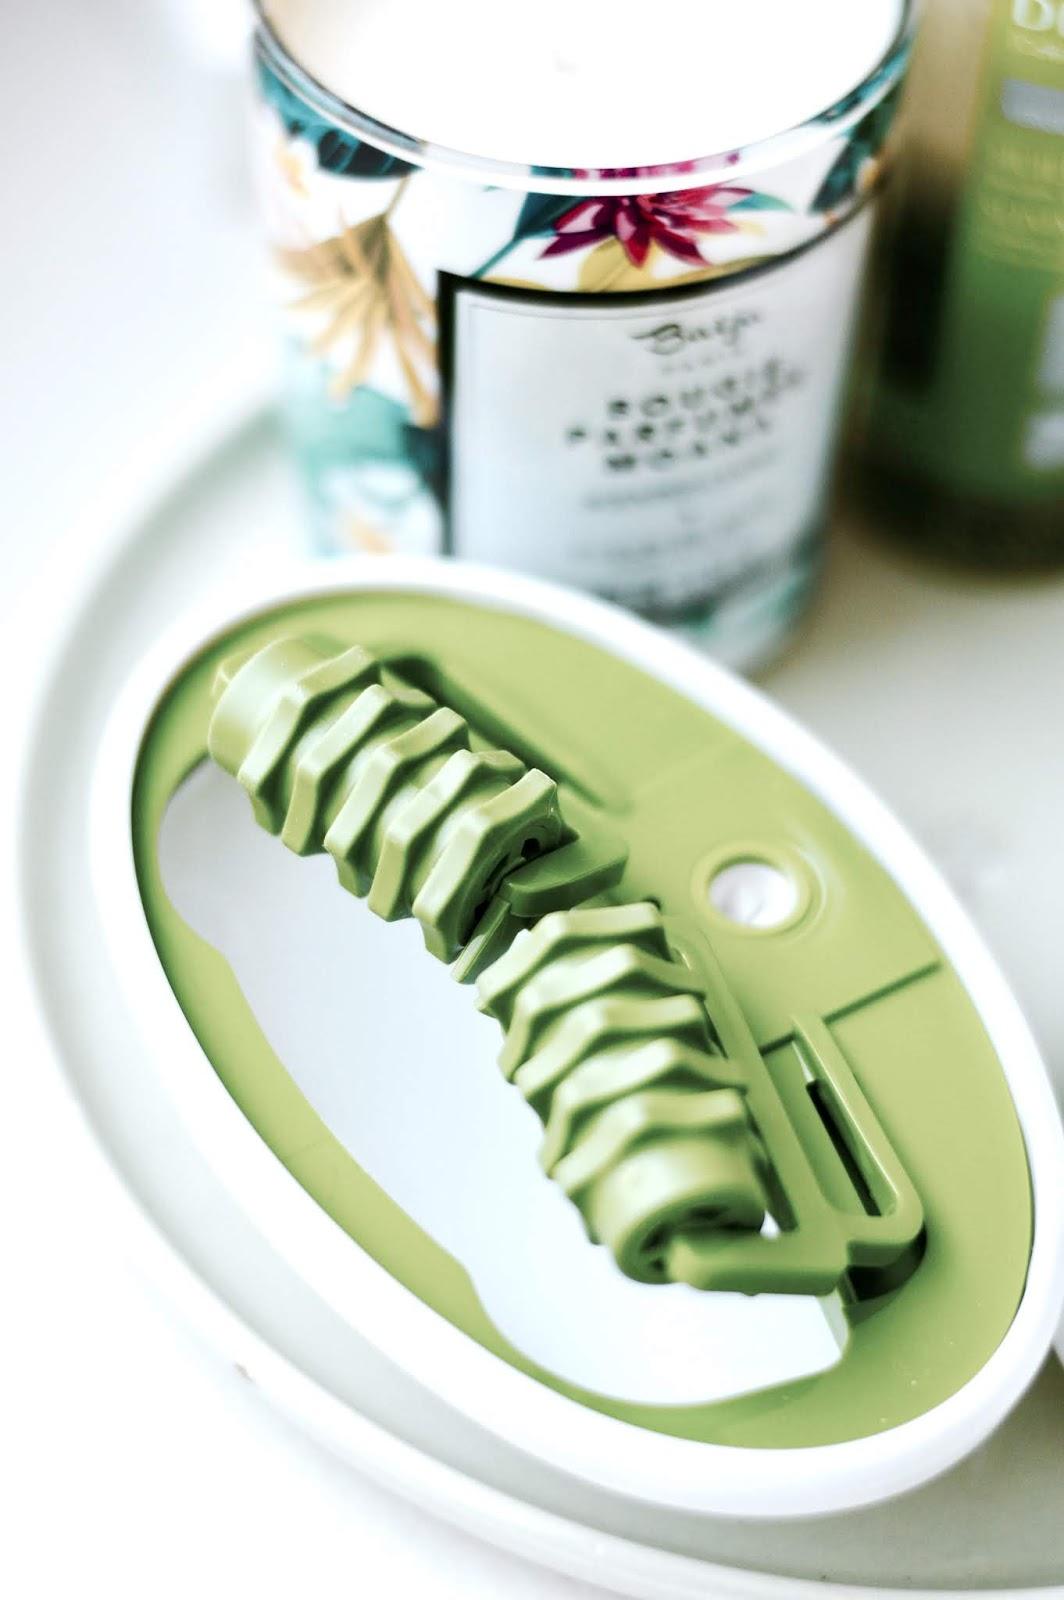 Soin minceur : mon avis sur les produits anti cellulite Elancyl